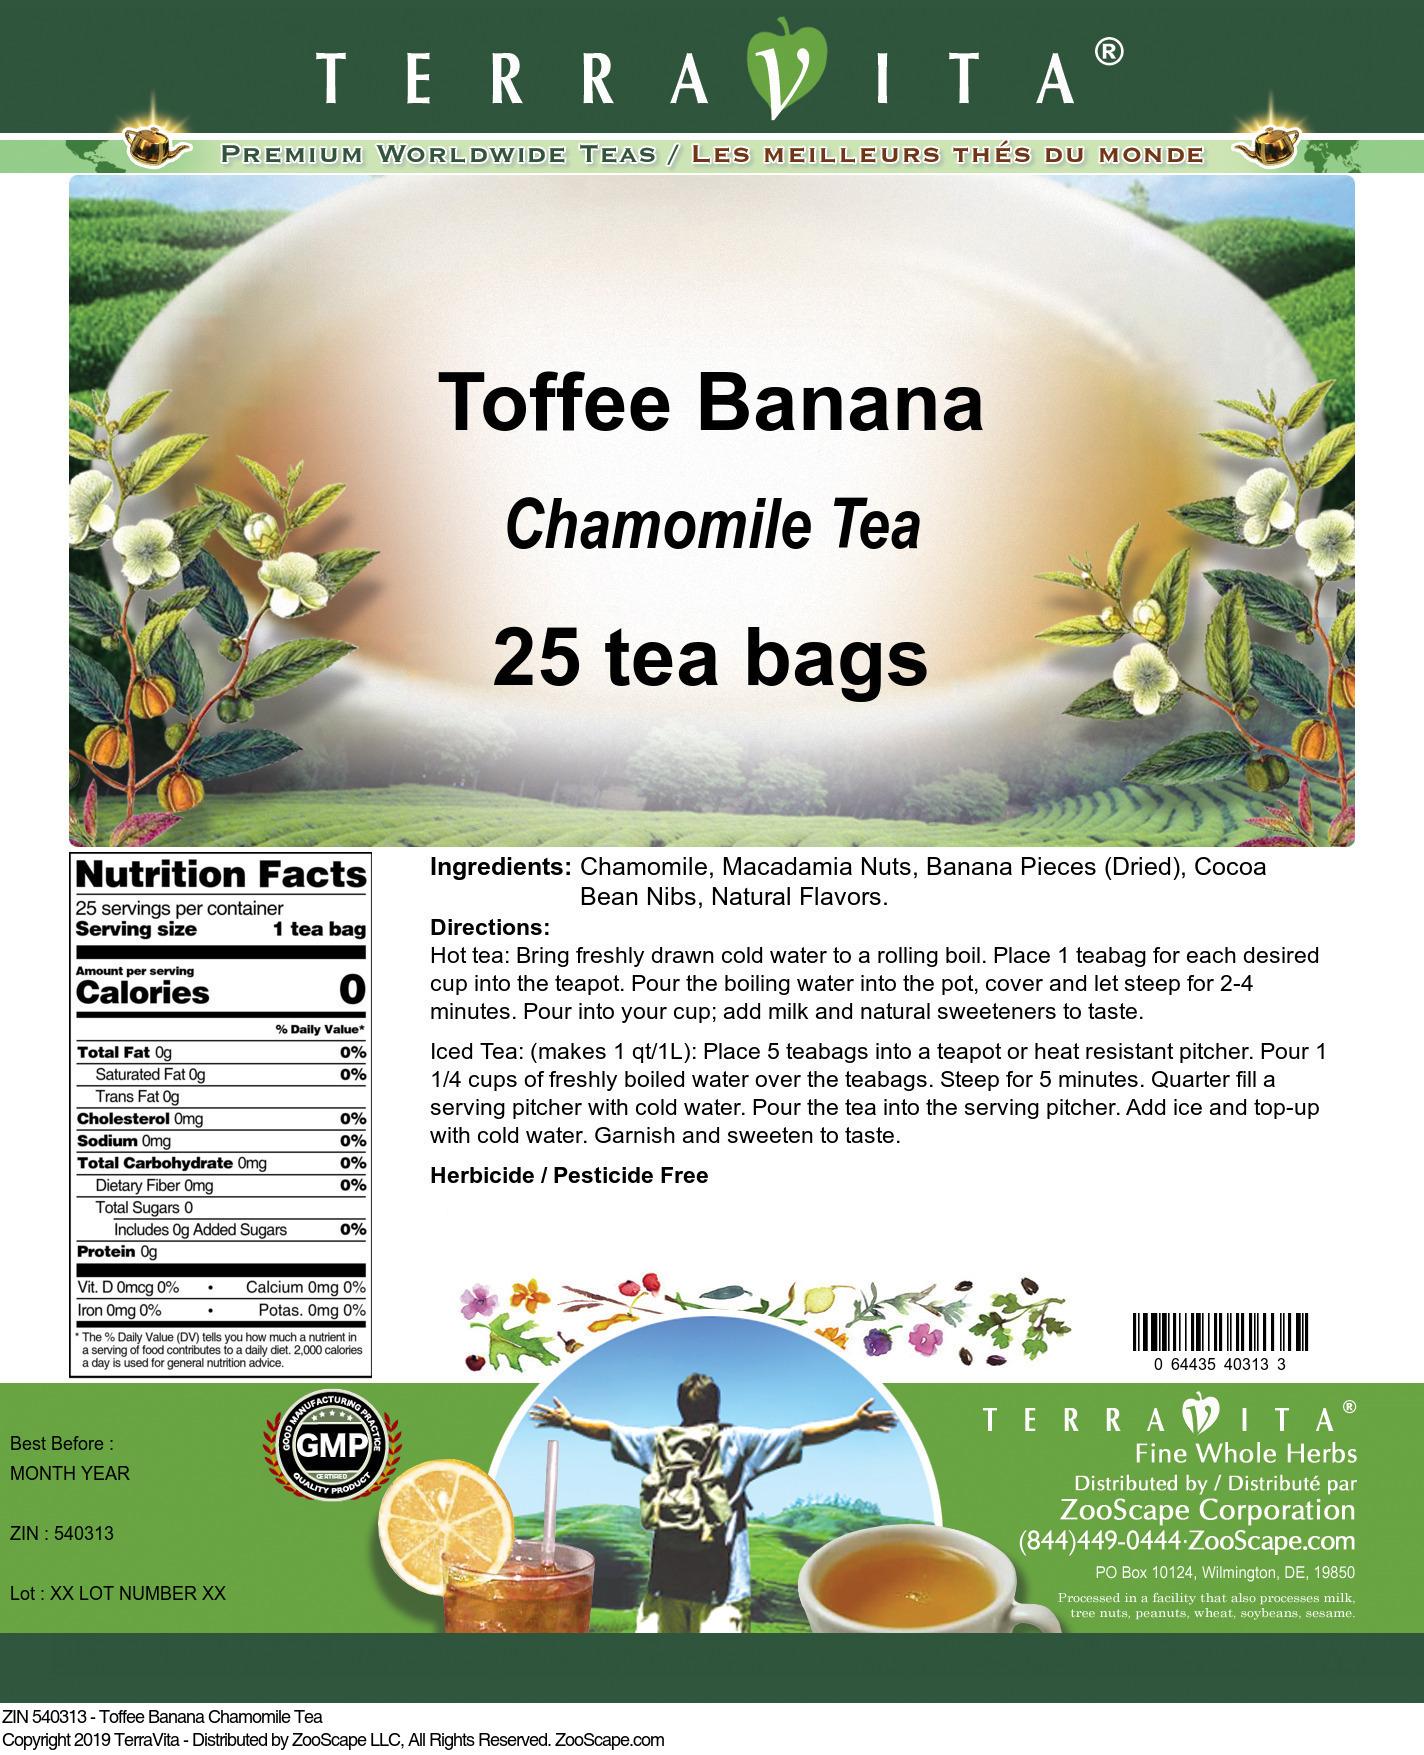 Toffee Banana Chamomile Tea